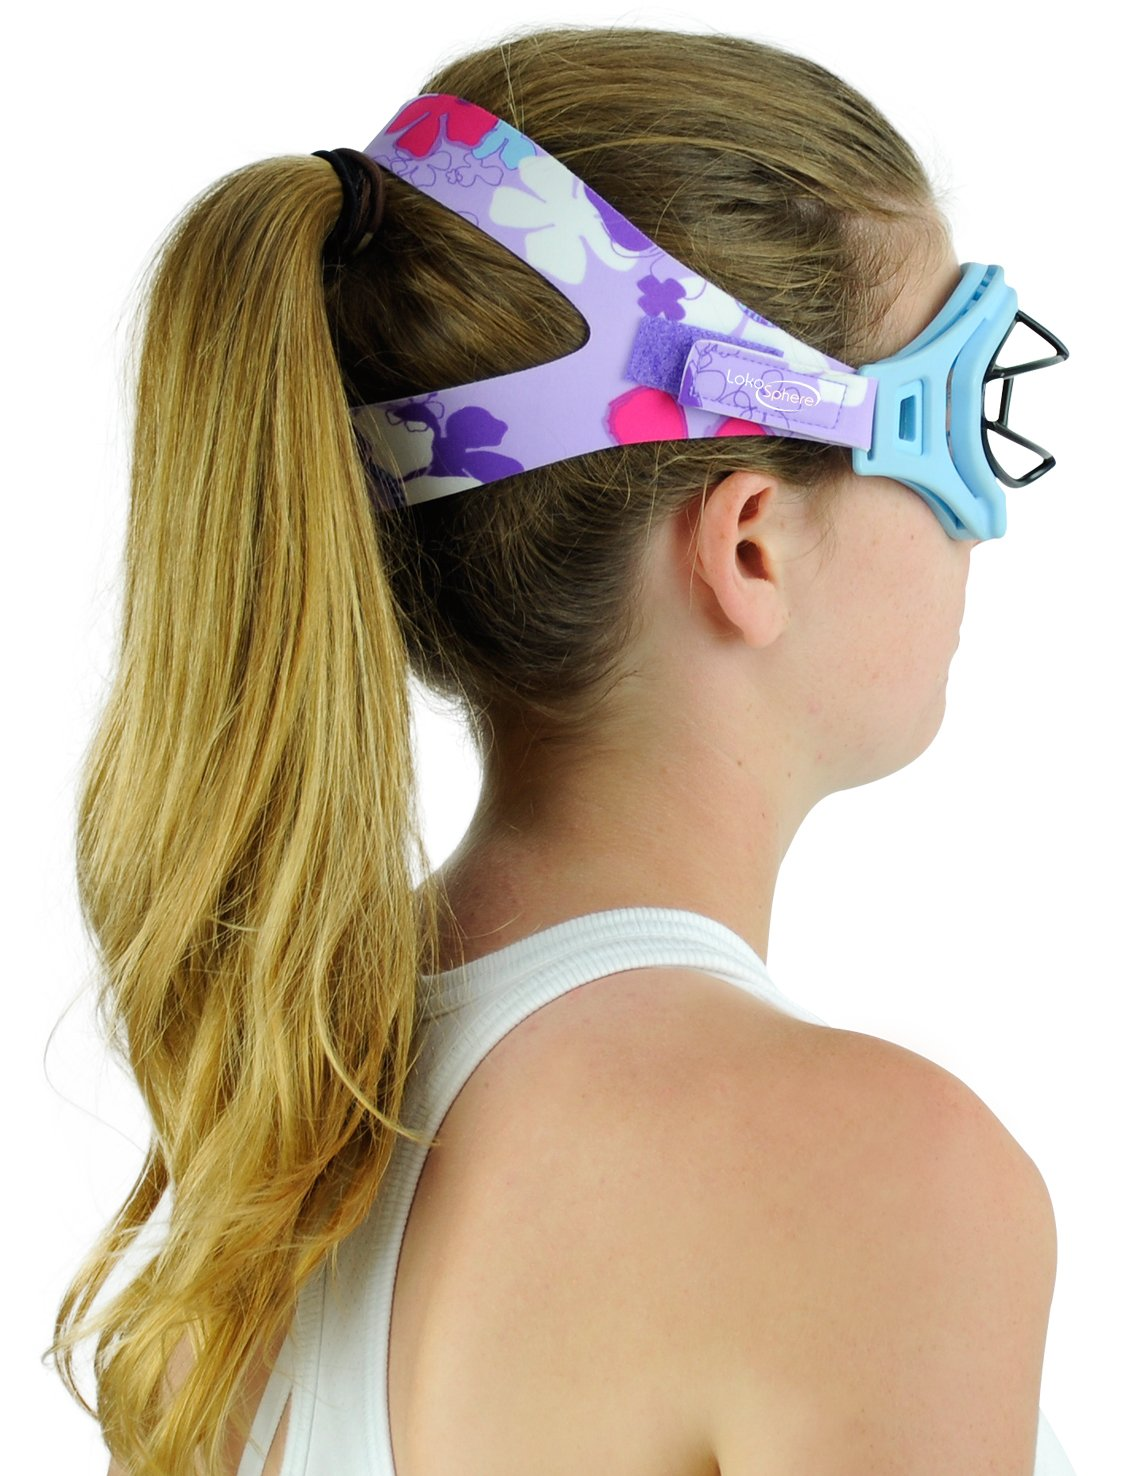 Amazon.com: LokoSphere - Correa para gafas de hockey sobre ...